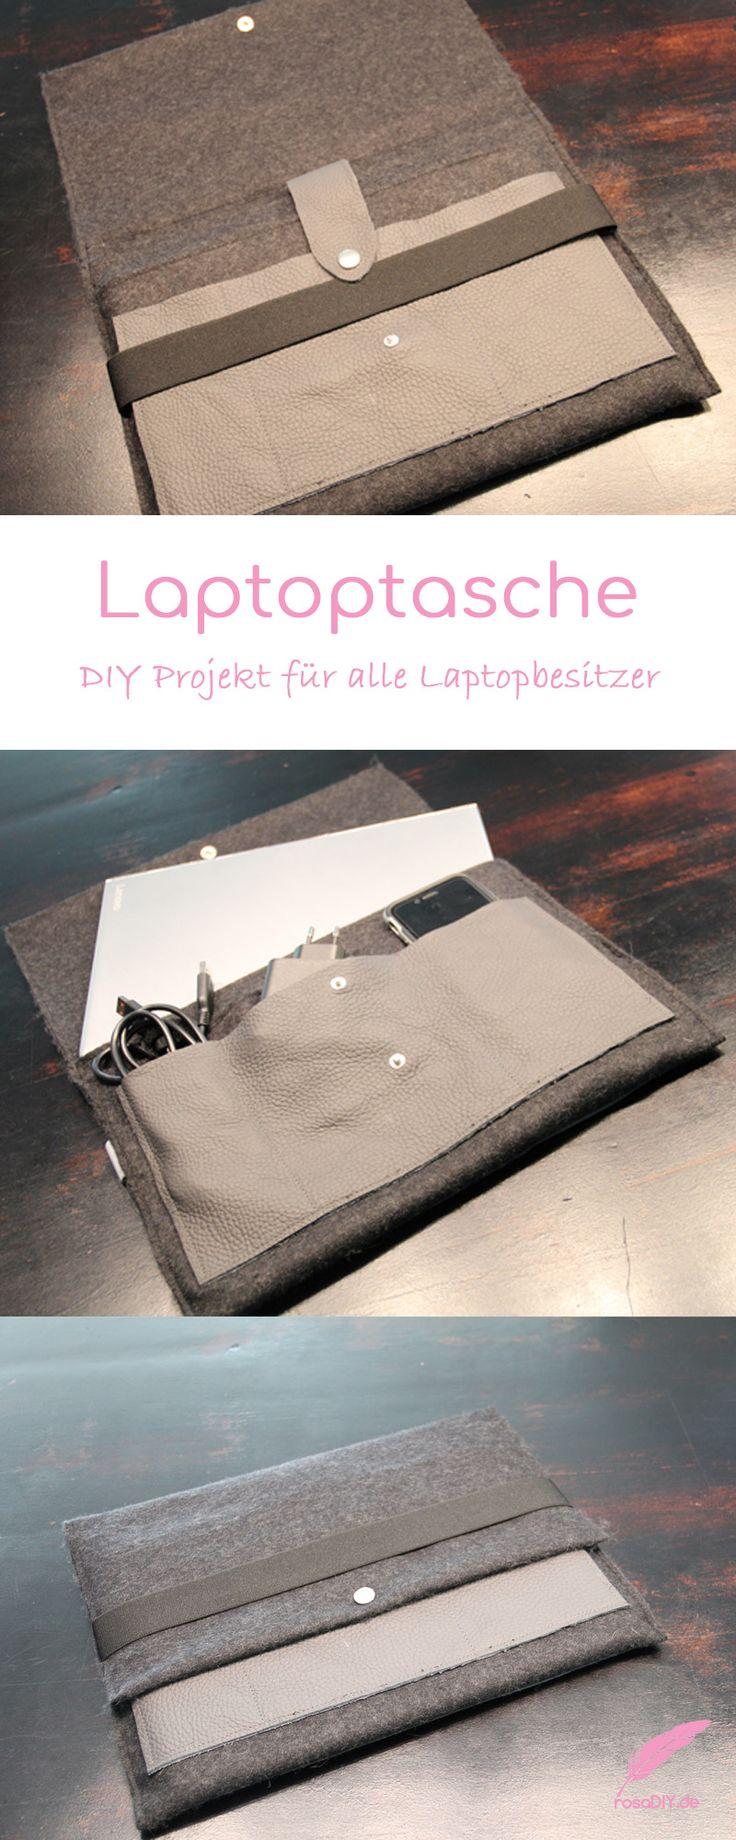 DIY Laptoptasche. Das ultimative DIY für jeden Laptopbesitzer. Aus Filz und Leder besonders schnell genäht!